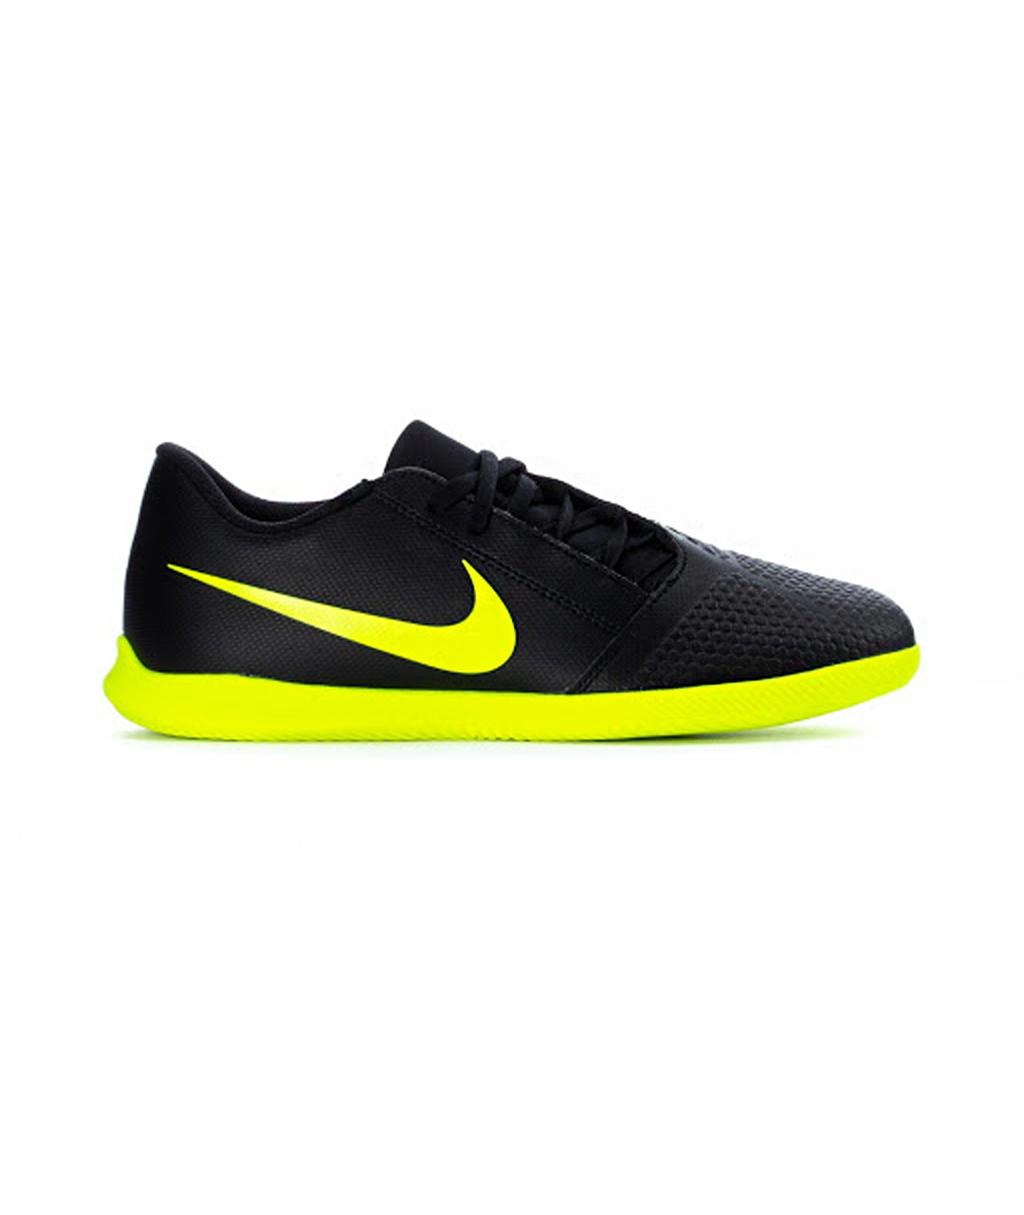 Купить футзалки Nike Phantom Venom CLUB IC AO0578-007 в интернет-магазине